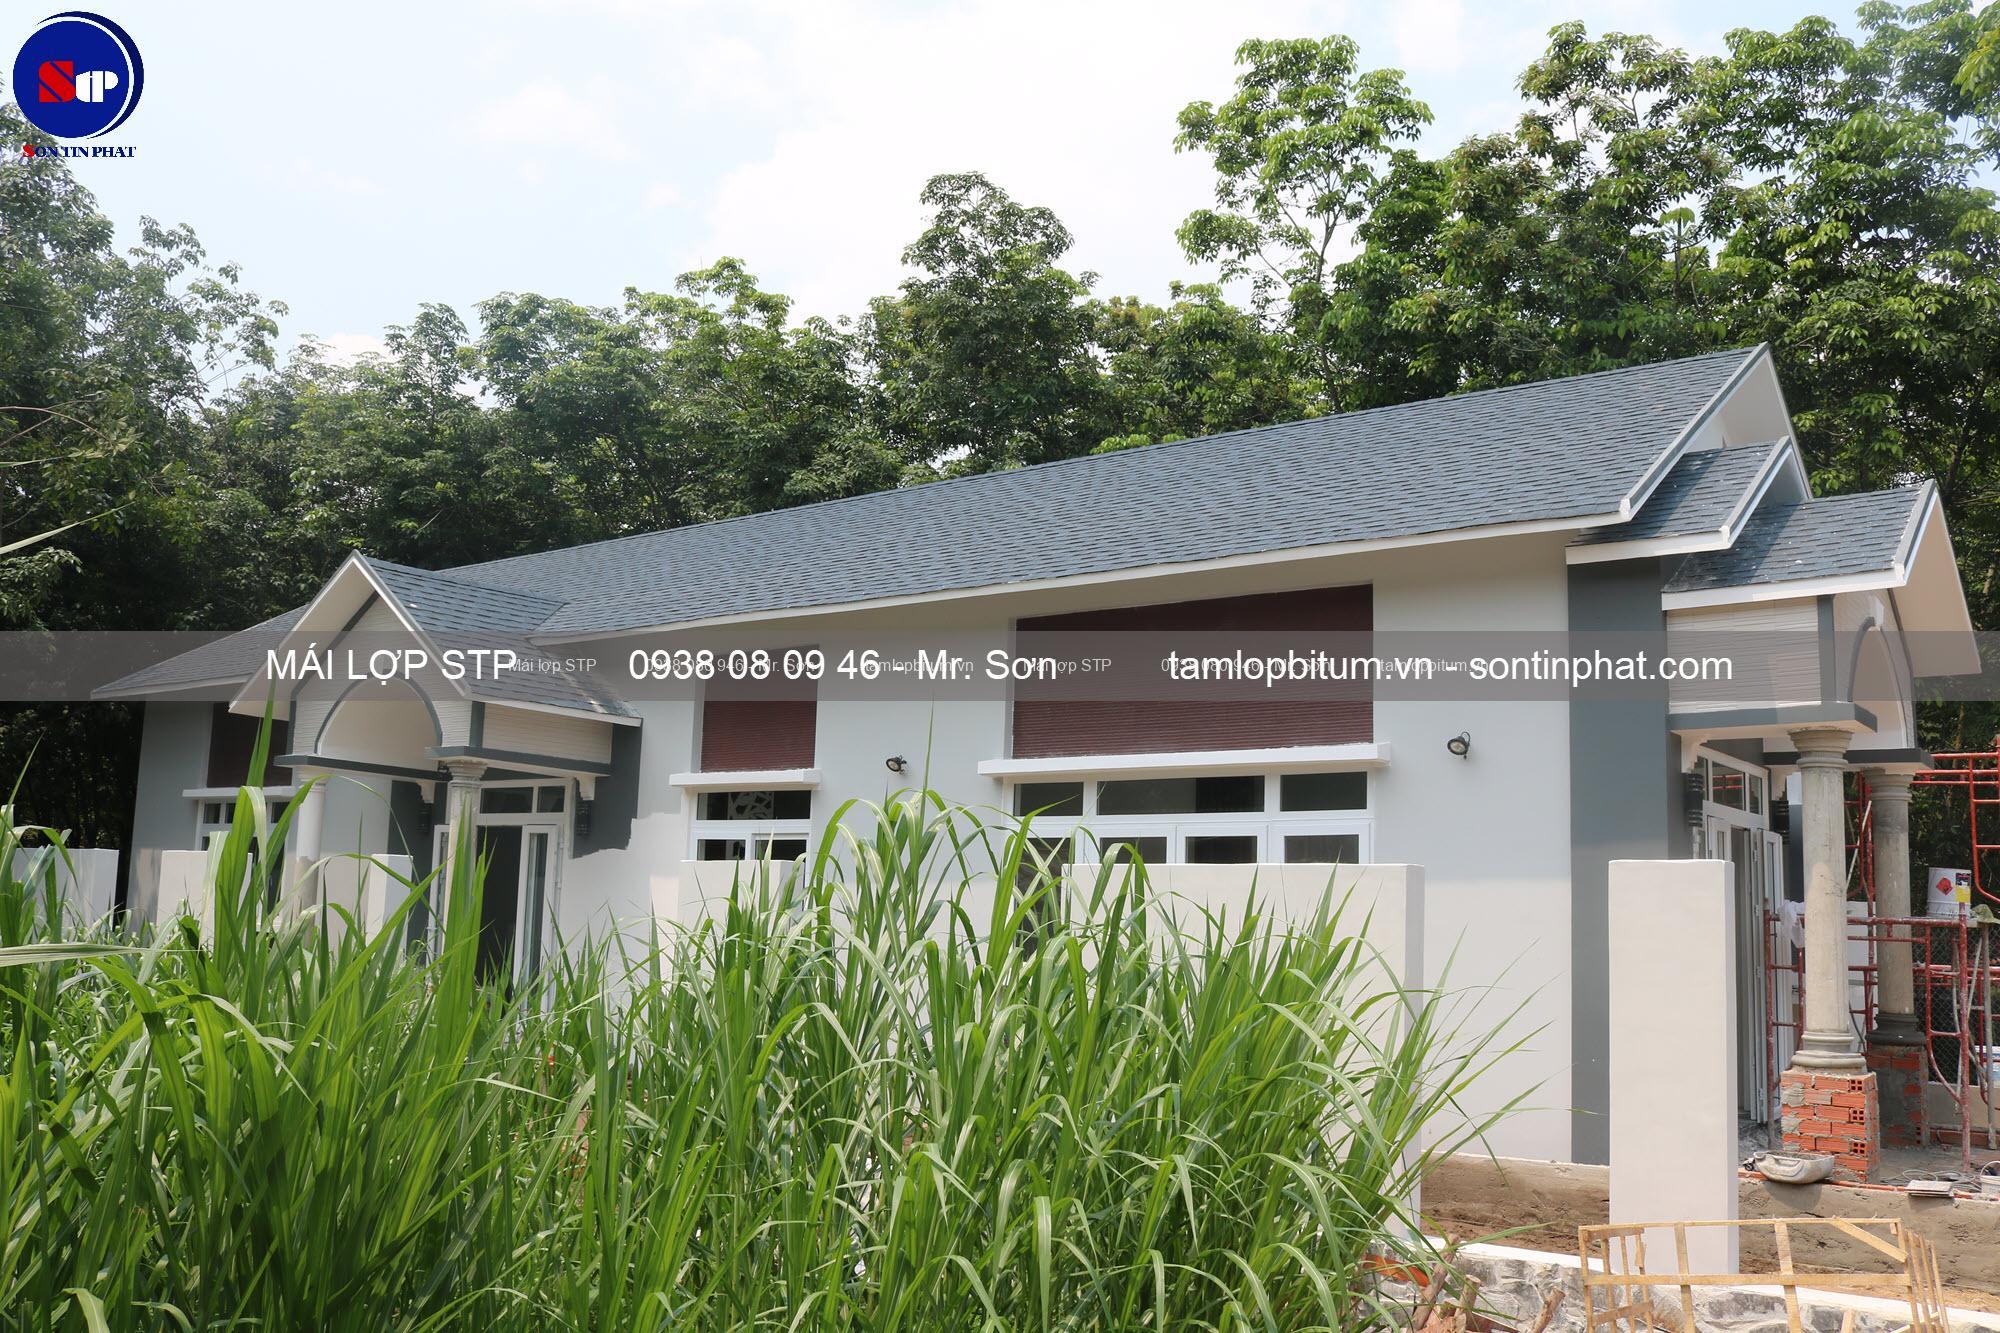 Tấm lợp xếp lớp đa tầng STP cho nhà mái thái